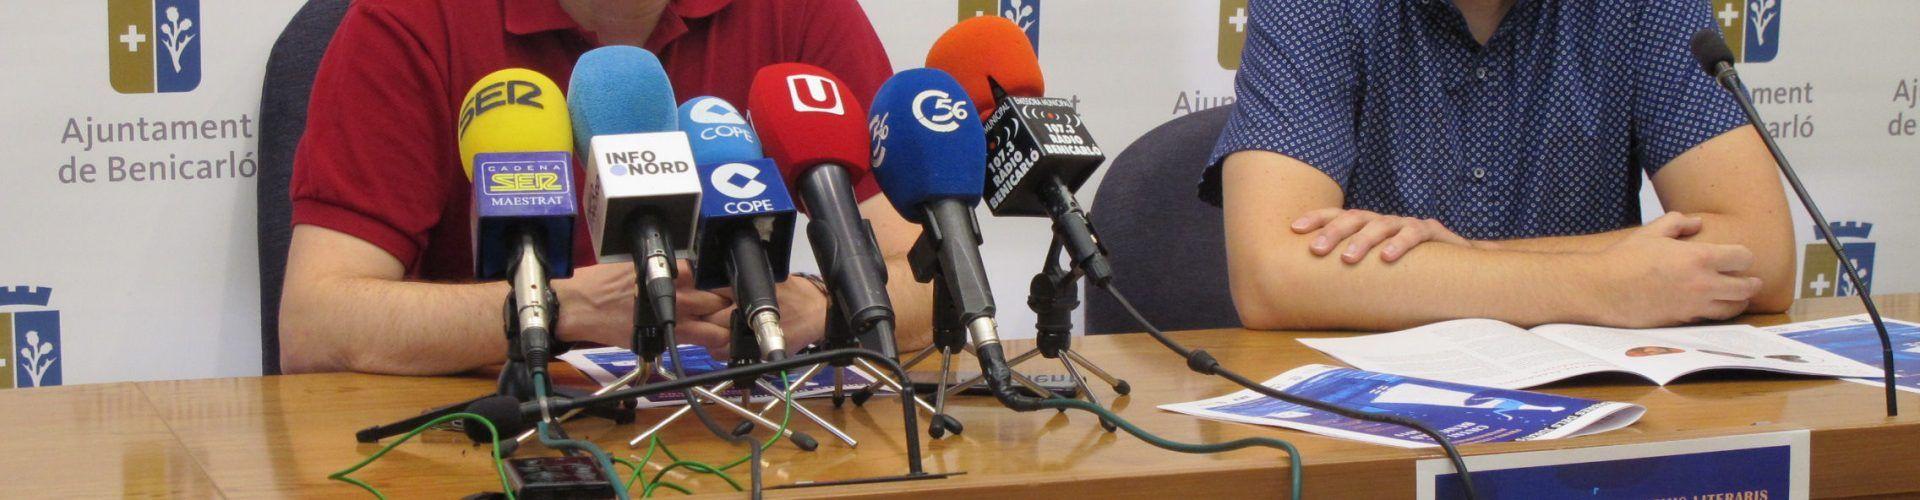 12 experts de reconegut prestigi integraran el jurat dels Premis Literaris de Benicarló